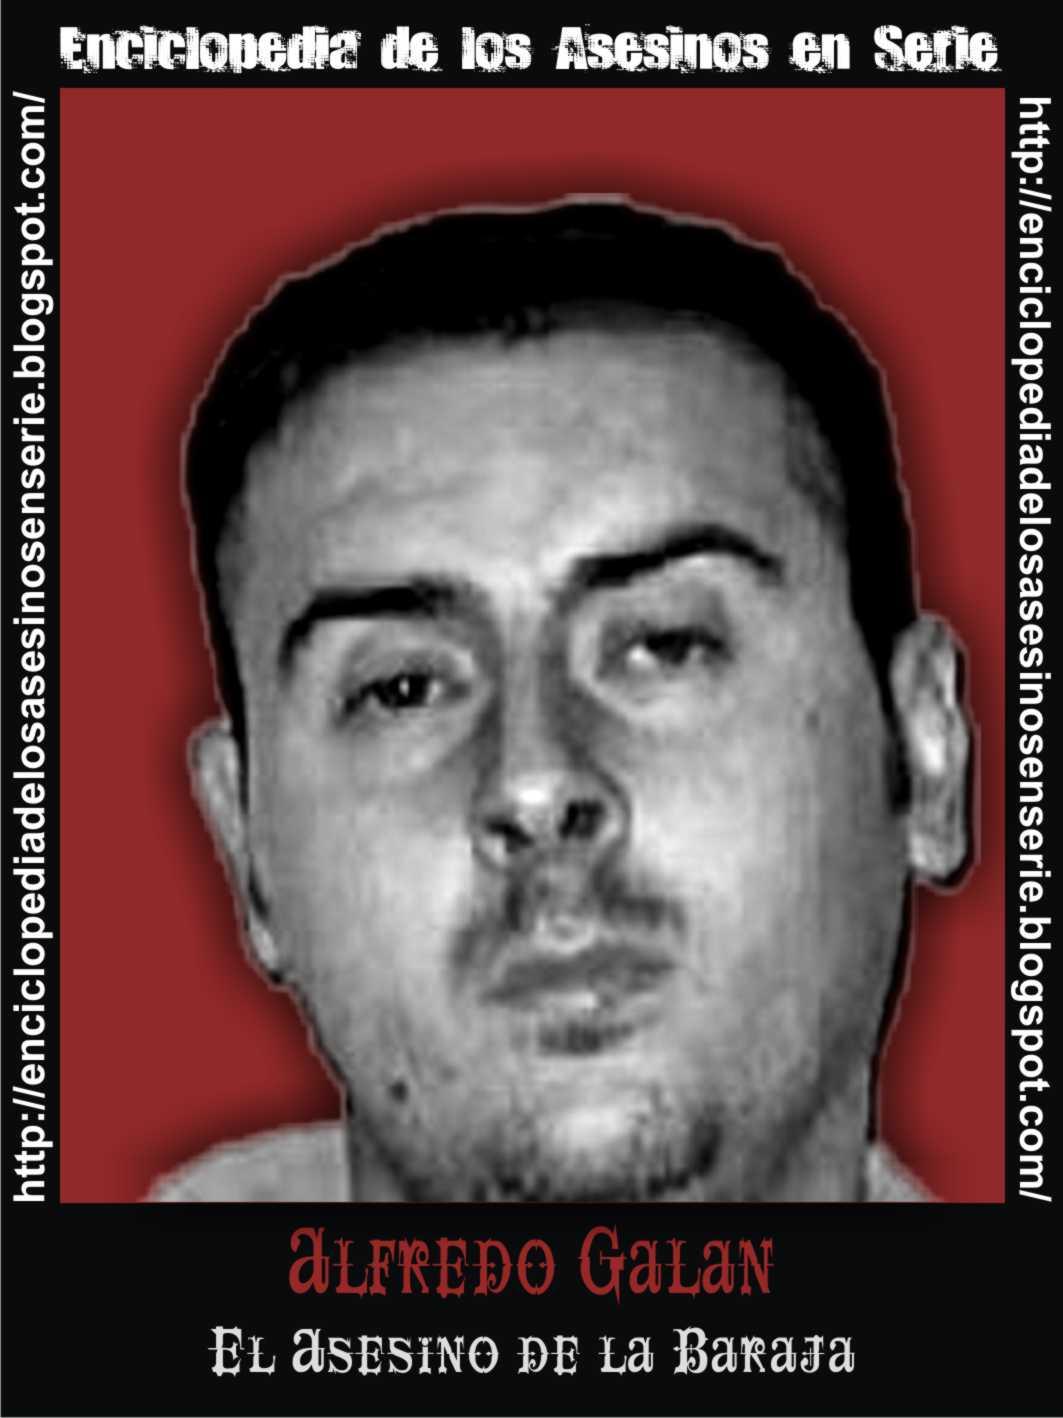 Enciclopedia de los Asesinos en Serie: ALFREDO GALAN \